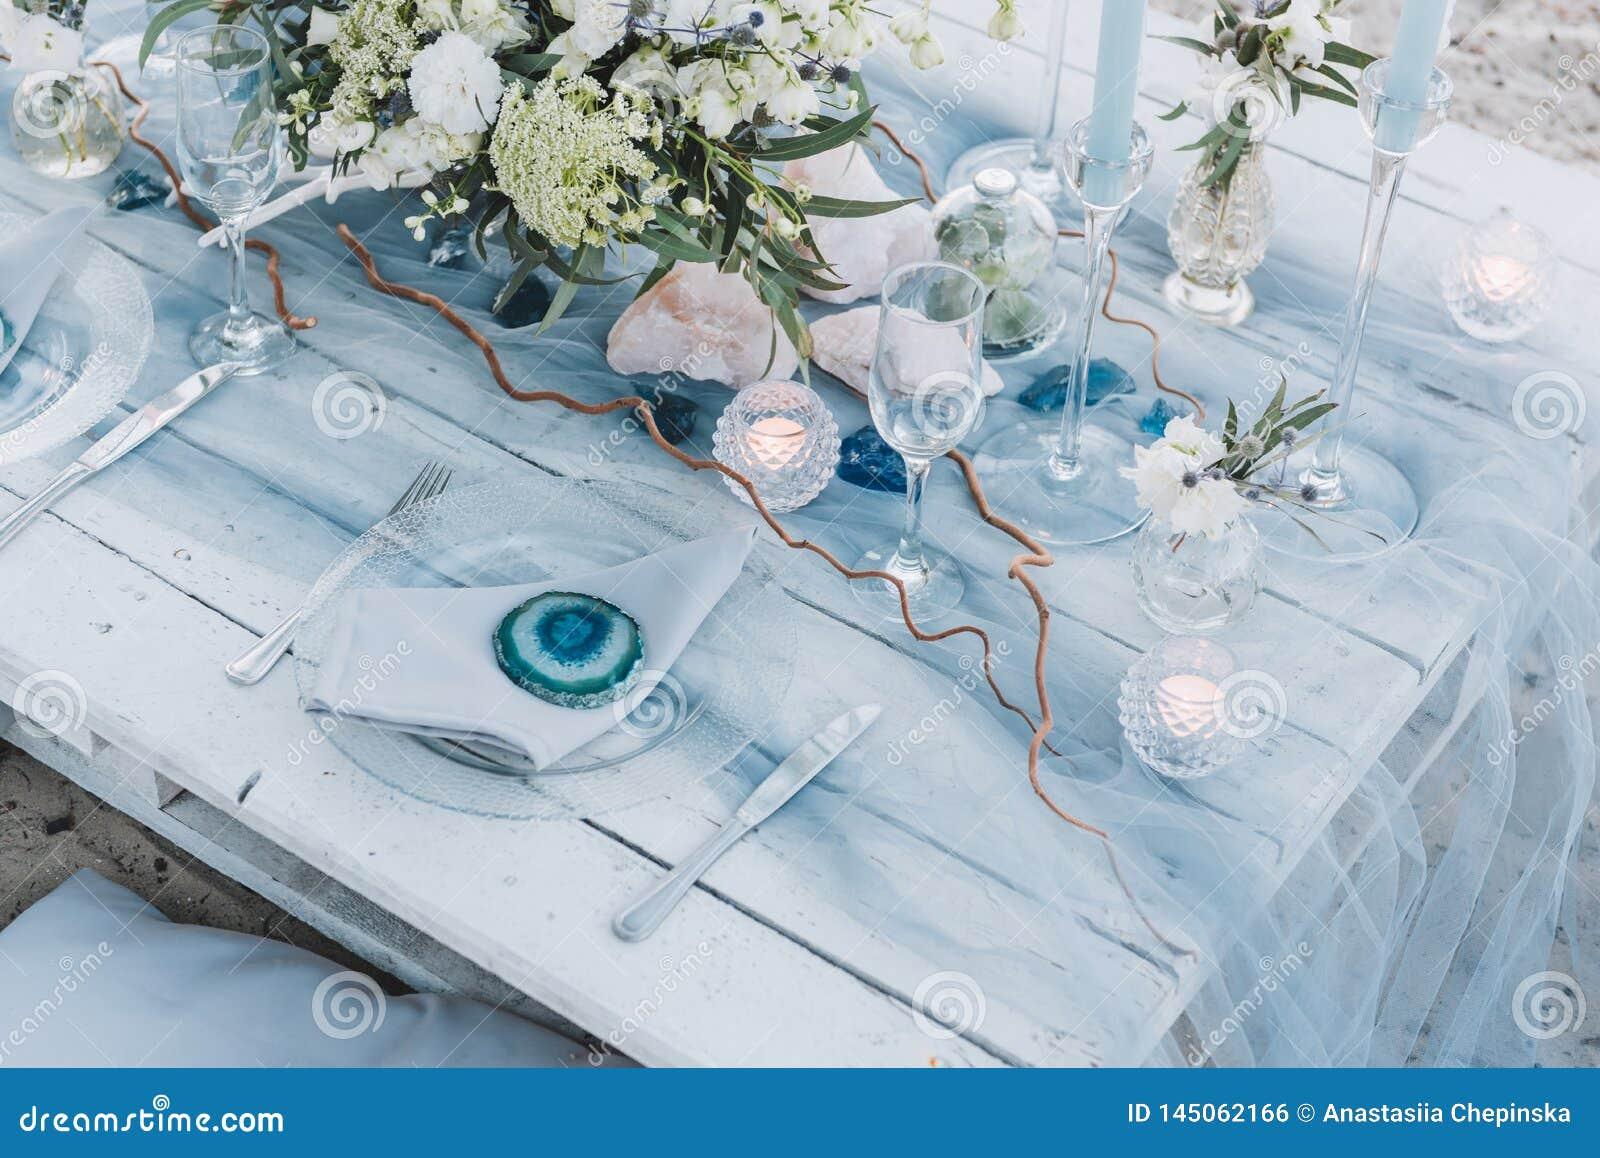 Элегантная таблица настроенная в голубых пастелях для свадьбы на пляже